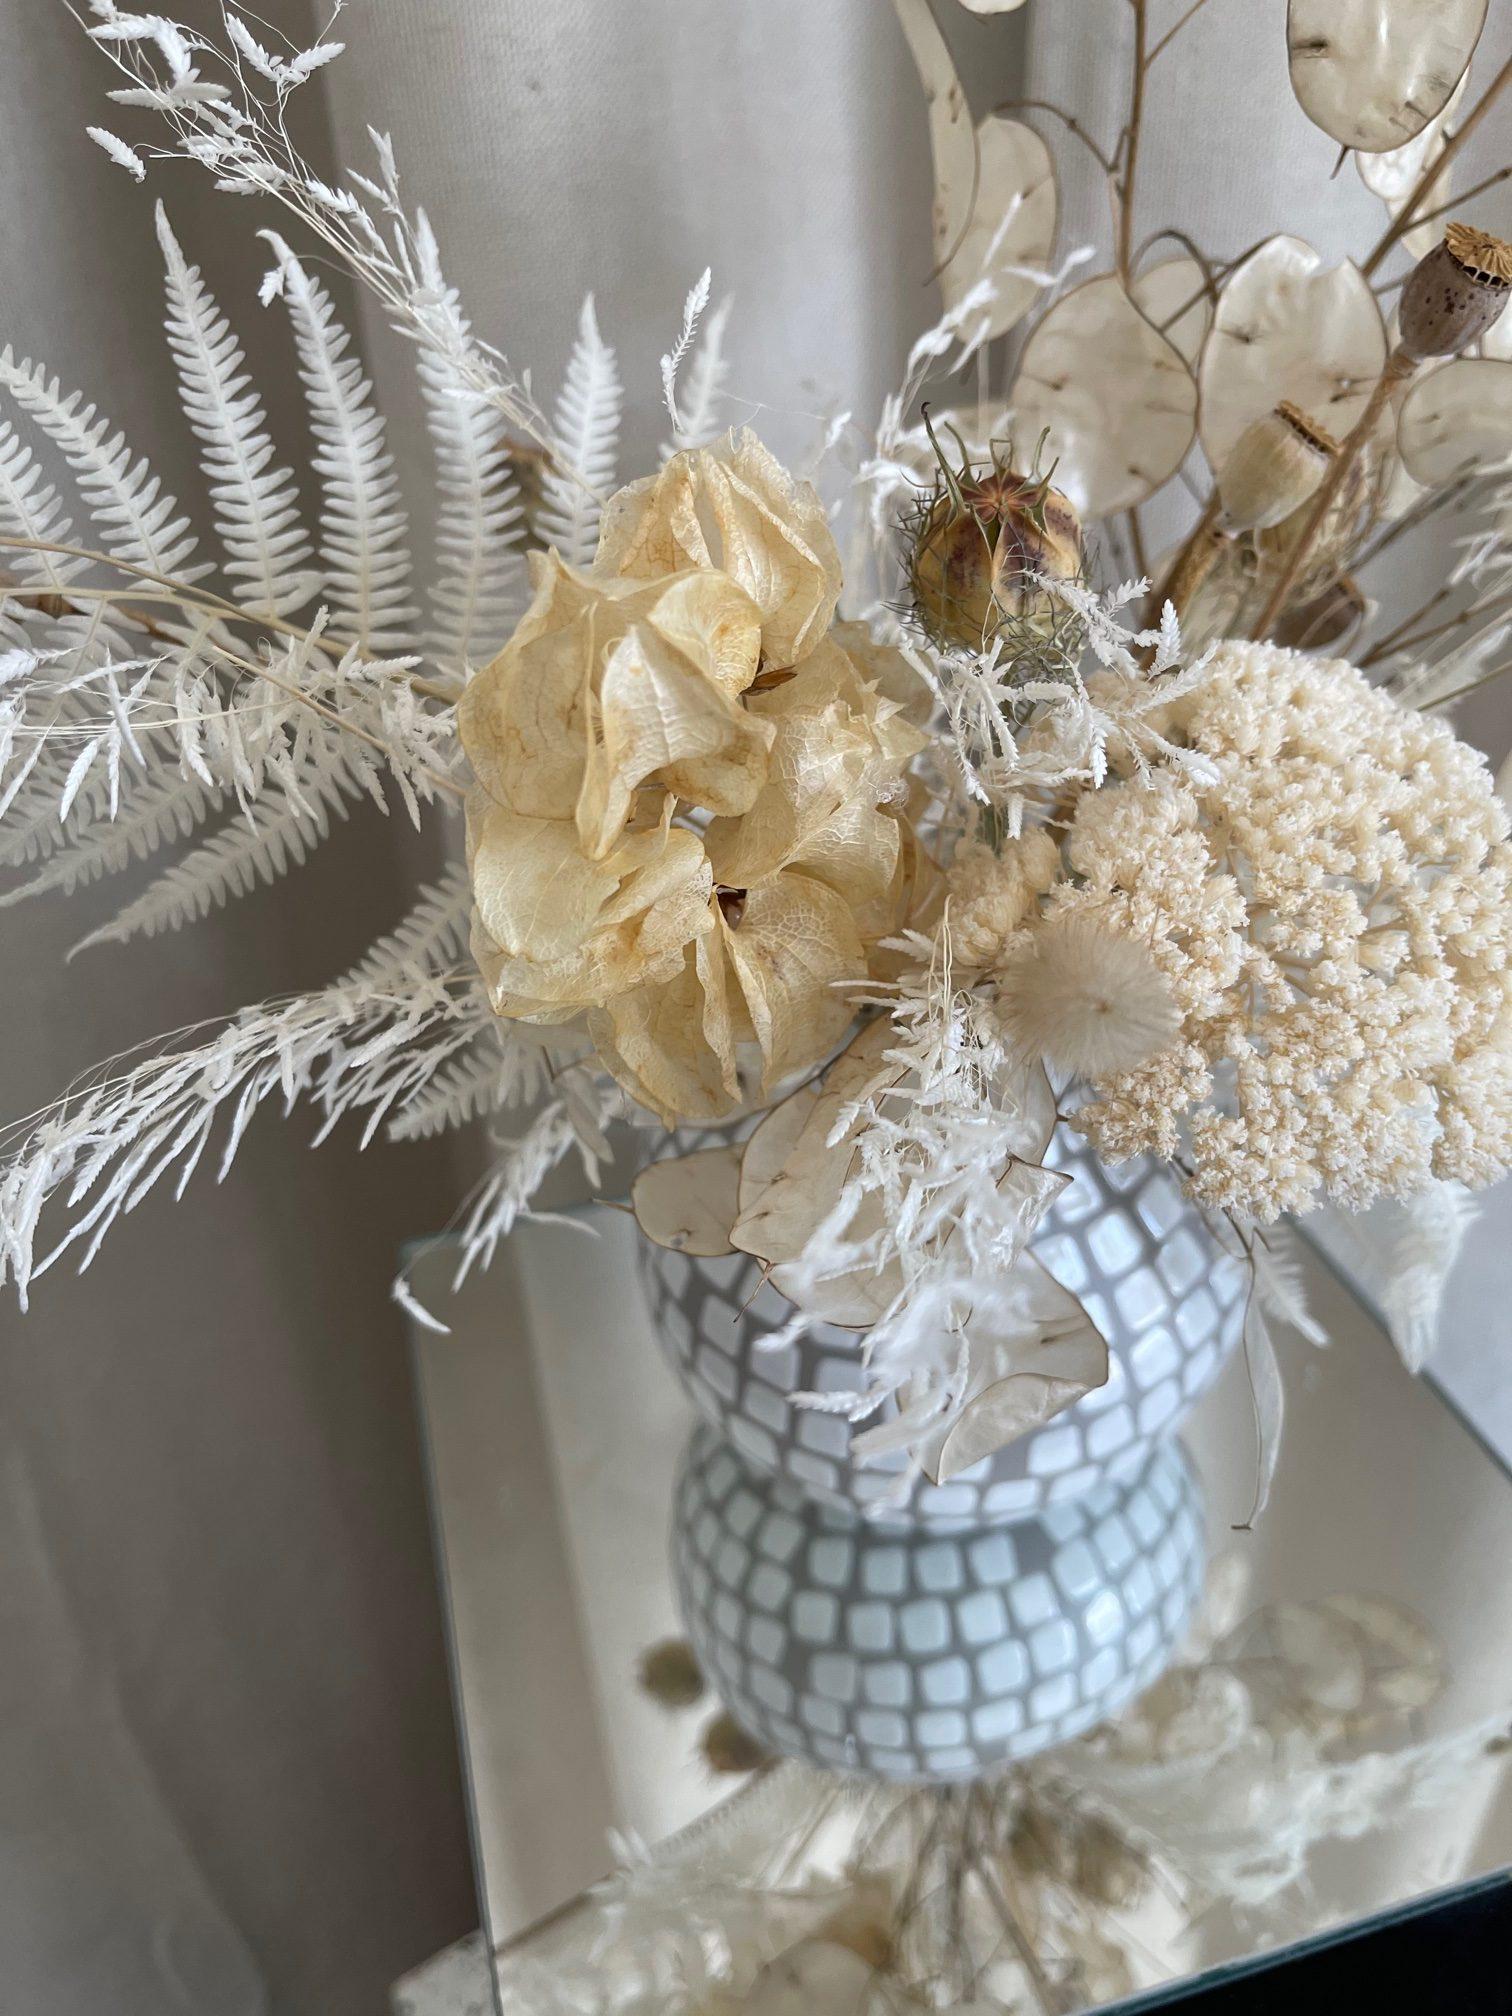 driedflowerarrangementdelivery